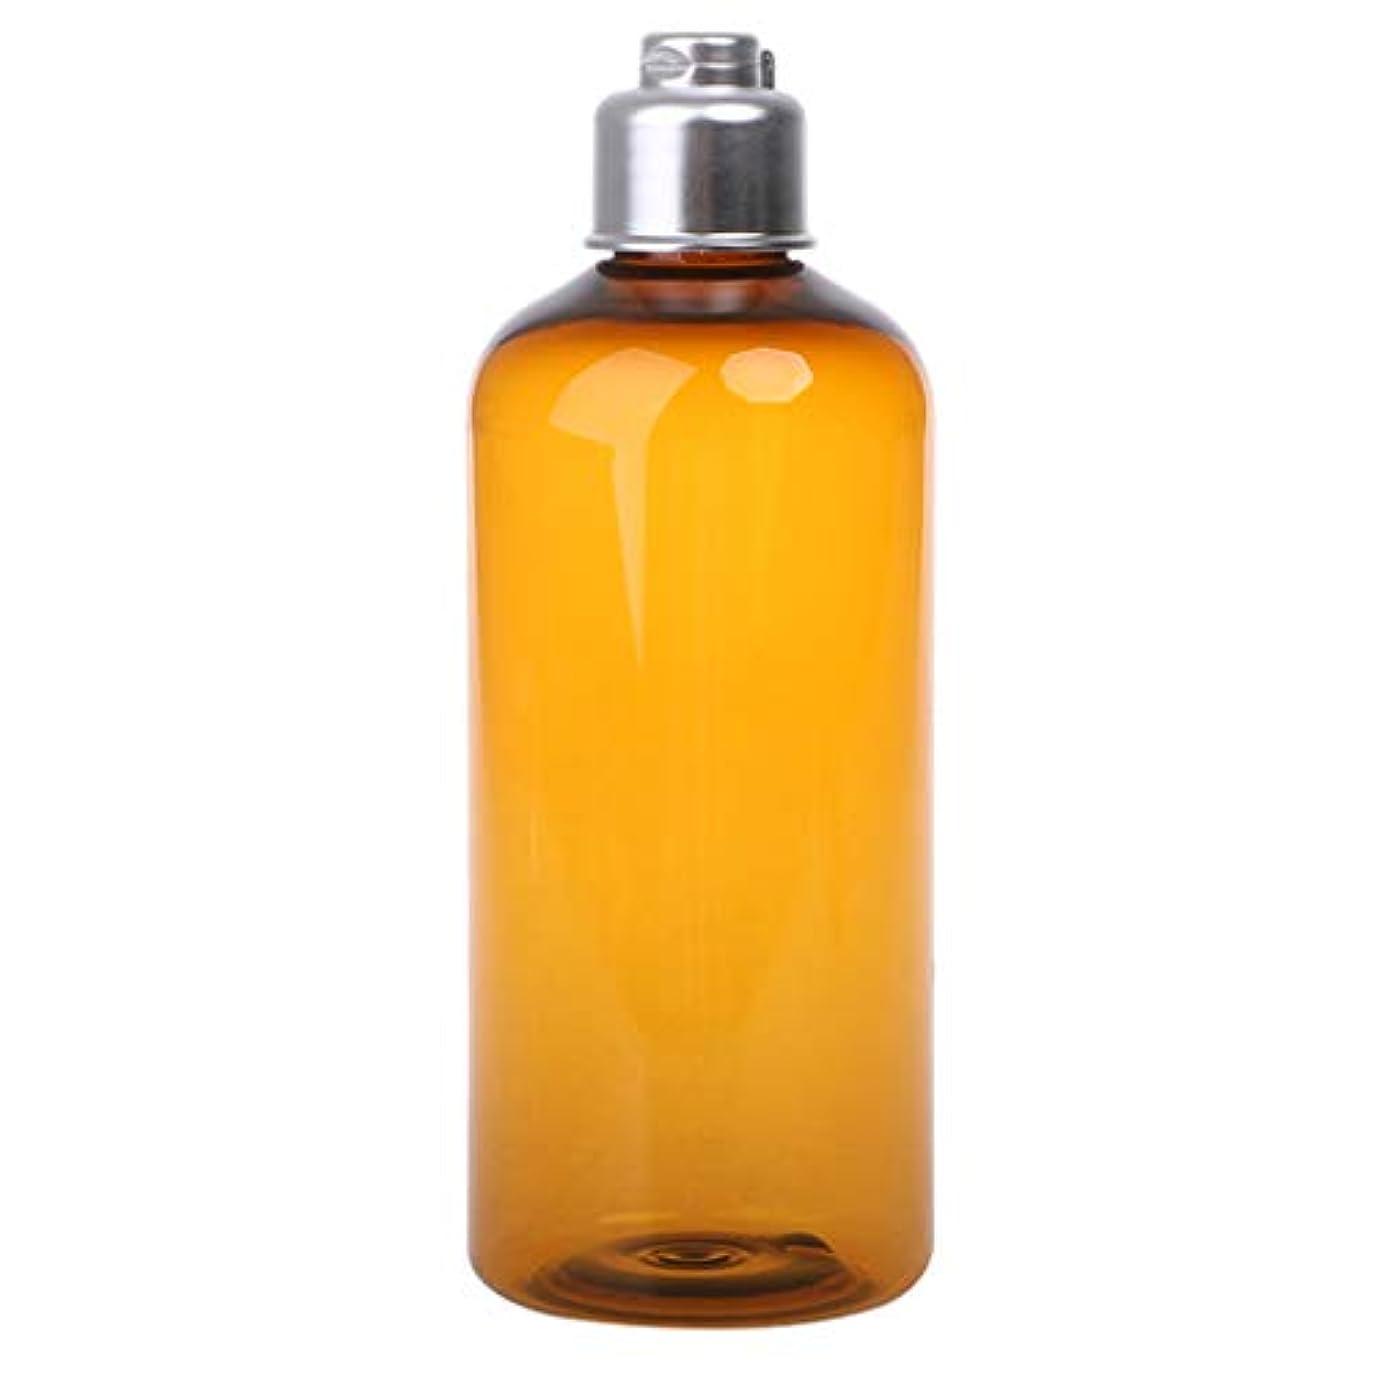 まだら多様な裏切り者Dabixx 1ピース100/200 / 300ml化粧品空の詰め替え式ボトルクリームシャンプーローション - 300ML